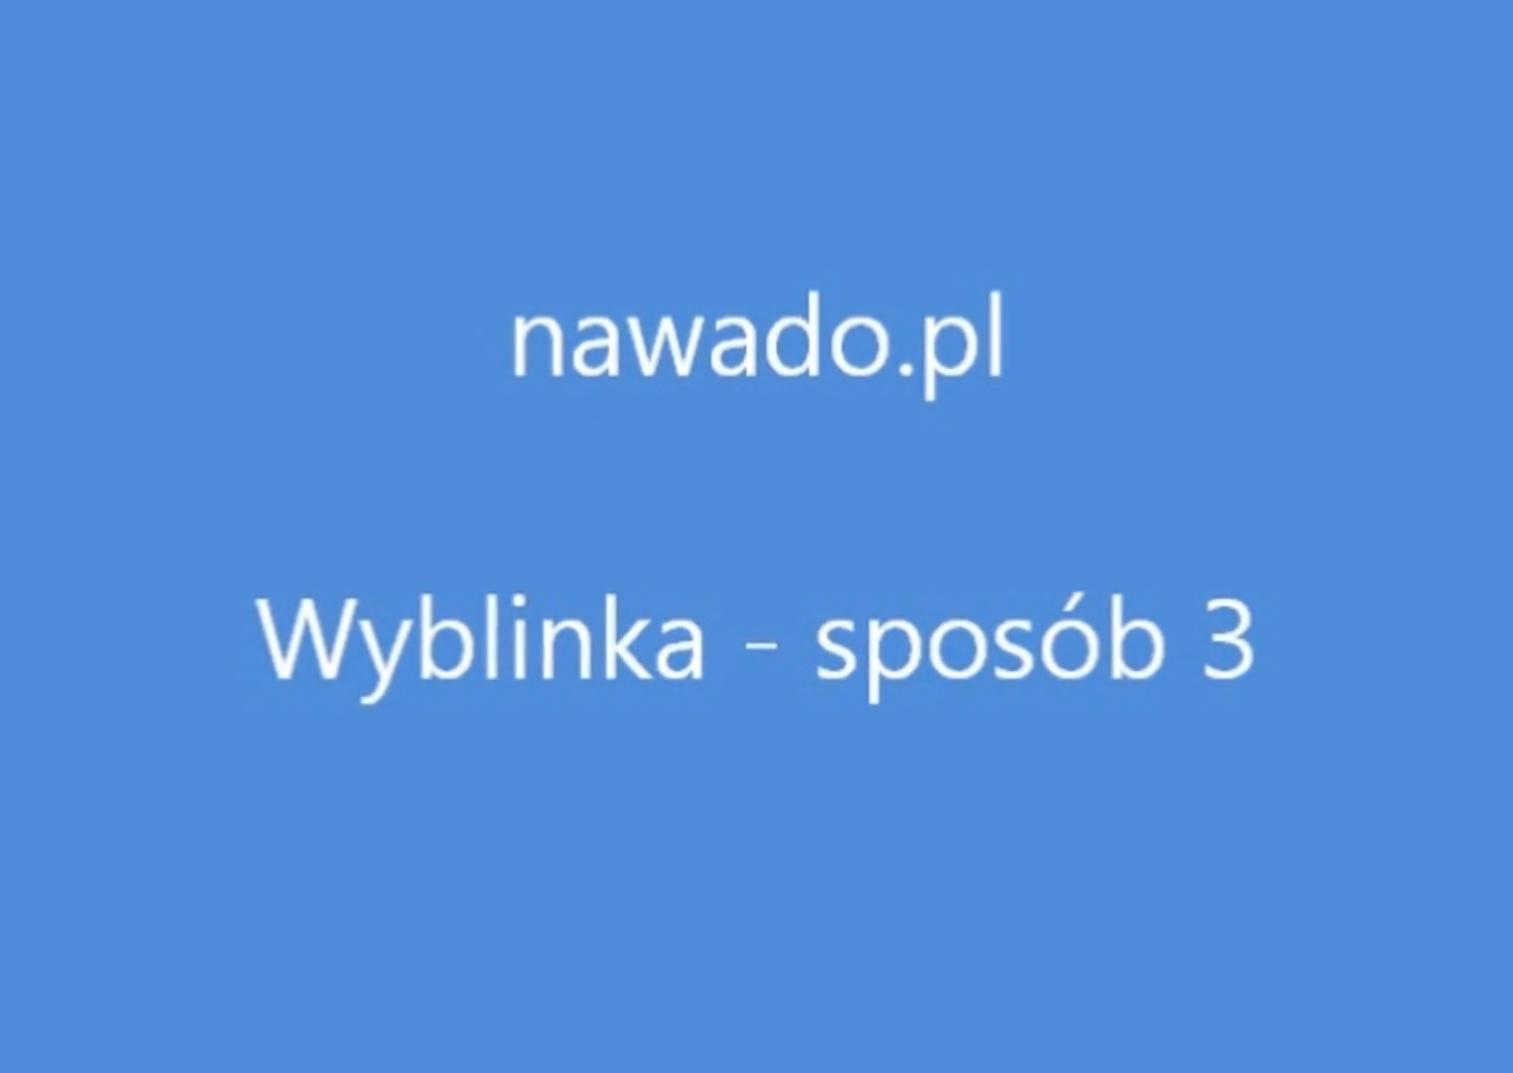 wyblinka2